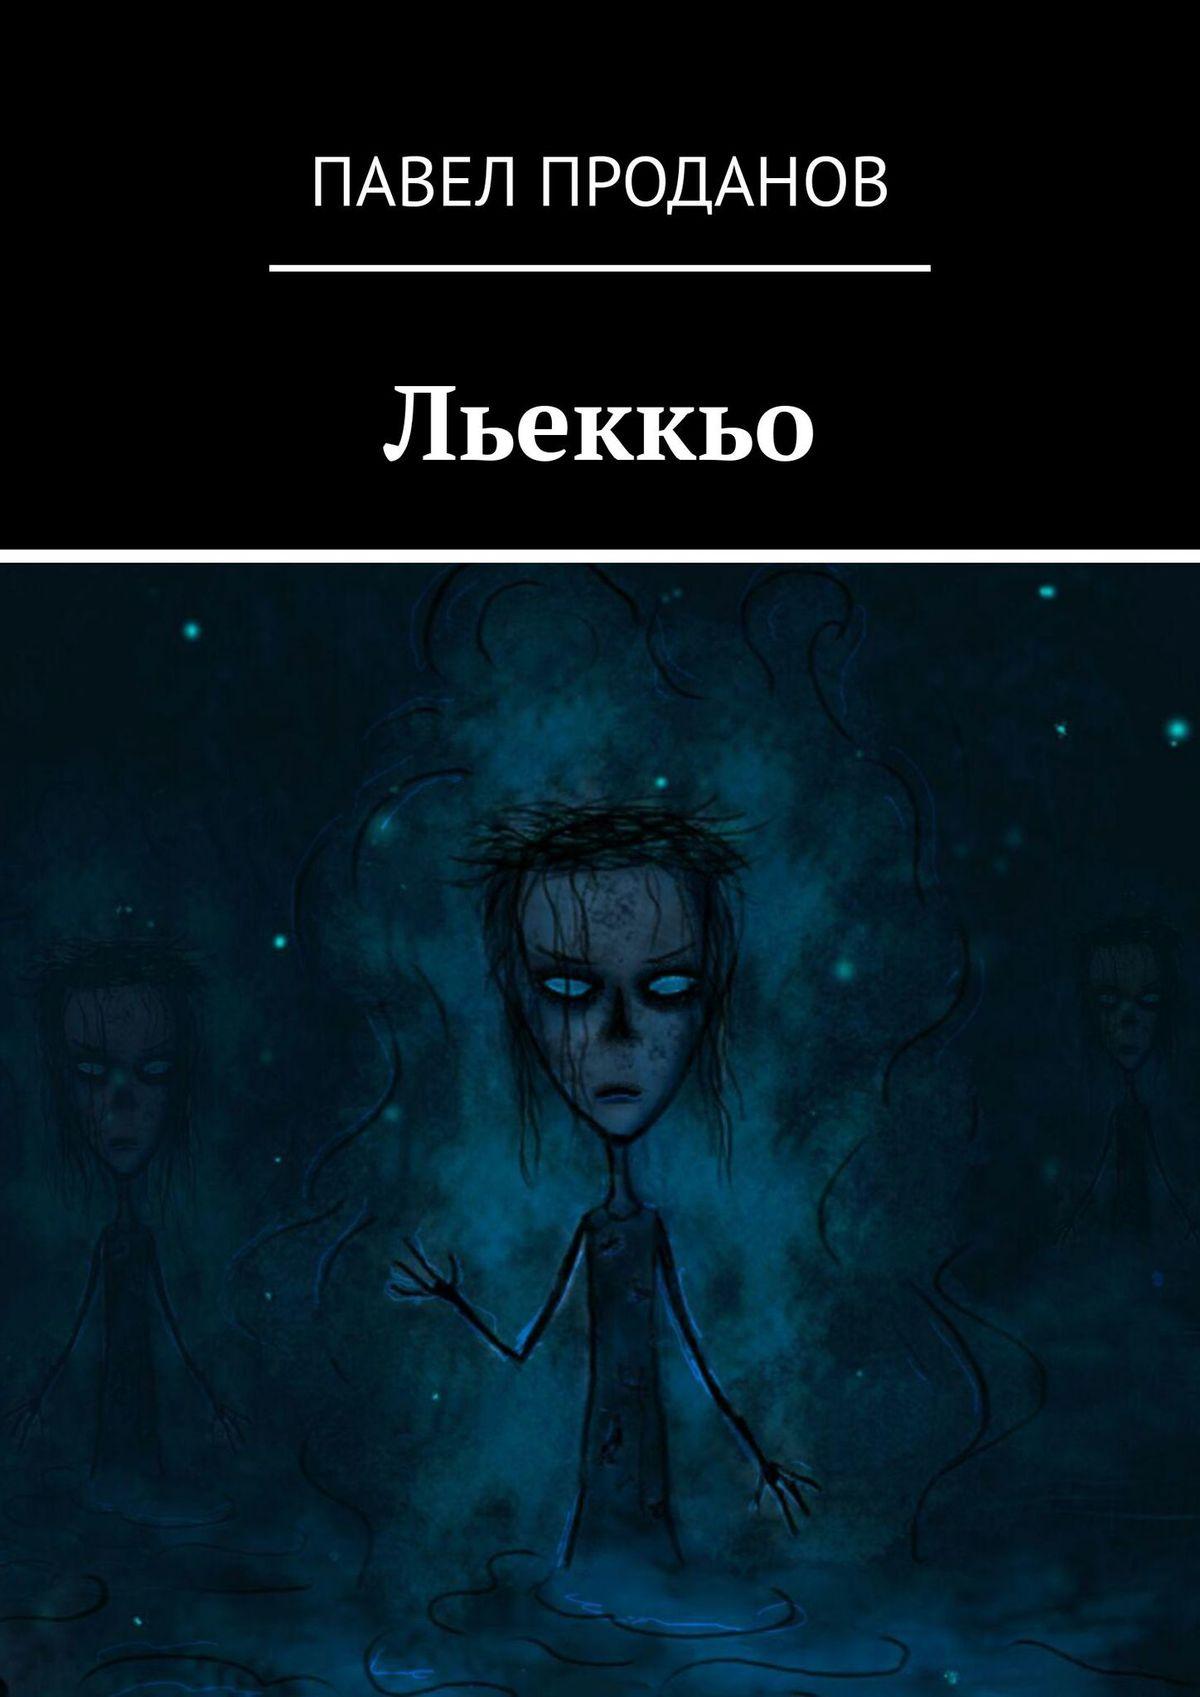 Павел Юрьевич Проданов Льеккьо. Болото никогда неотпускает свои жертвы…